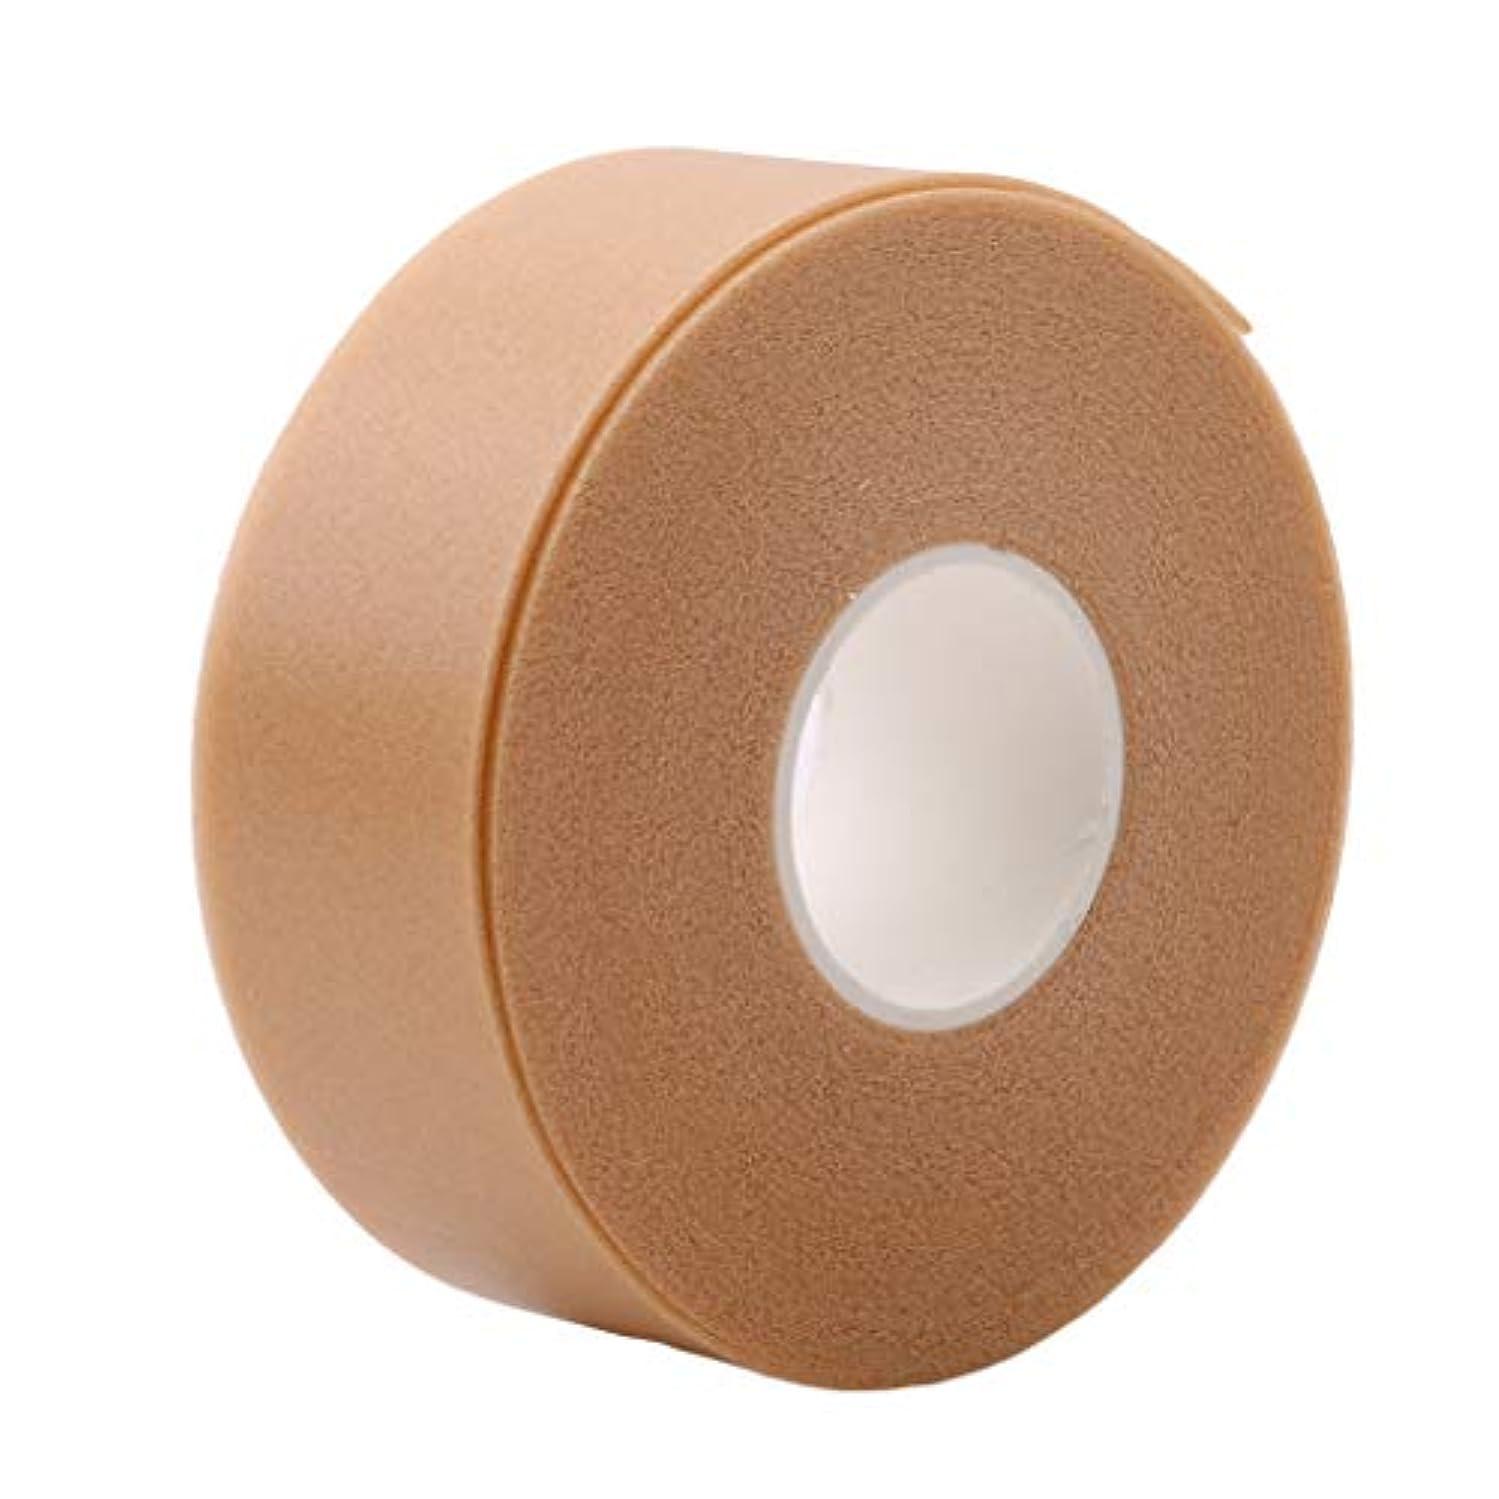 コードレス活性化するアラブサラボGOMYIE かかとテープかかとクランププロテクター応急処置テープステッカーボリュームバッファー保護テープ男性と女性の傷を防ぐため(色)